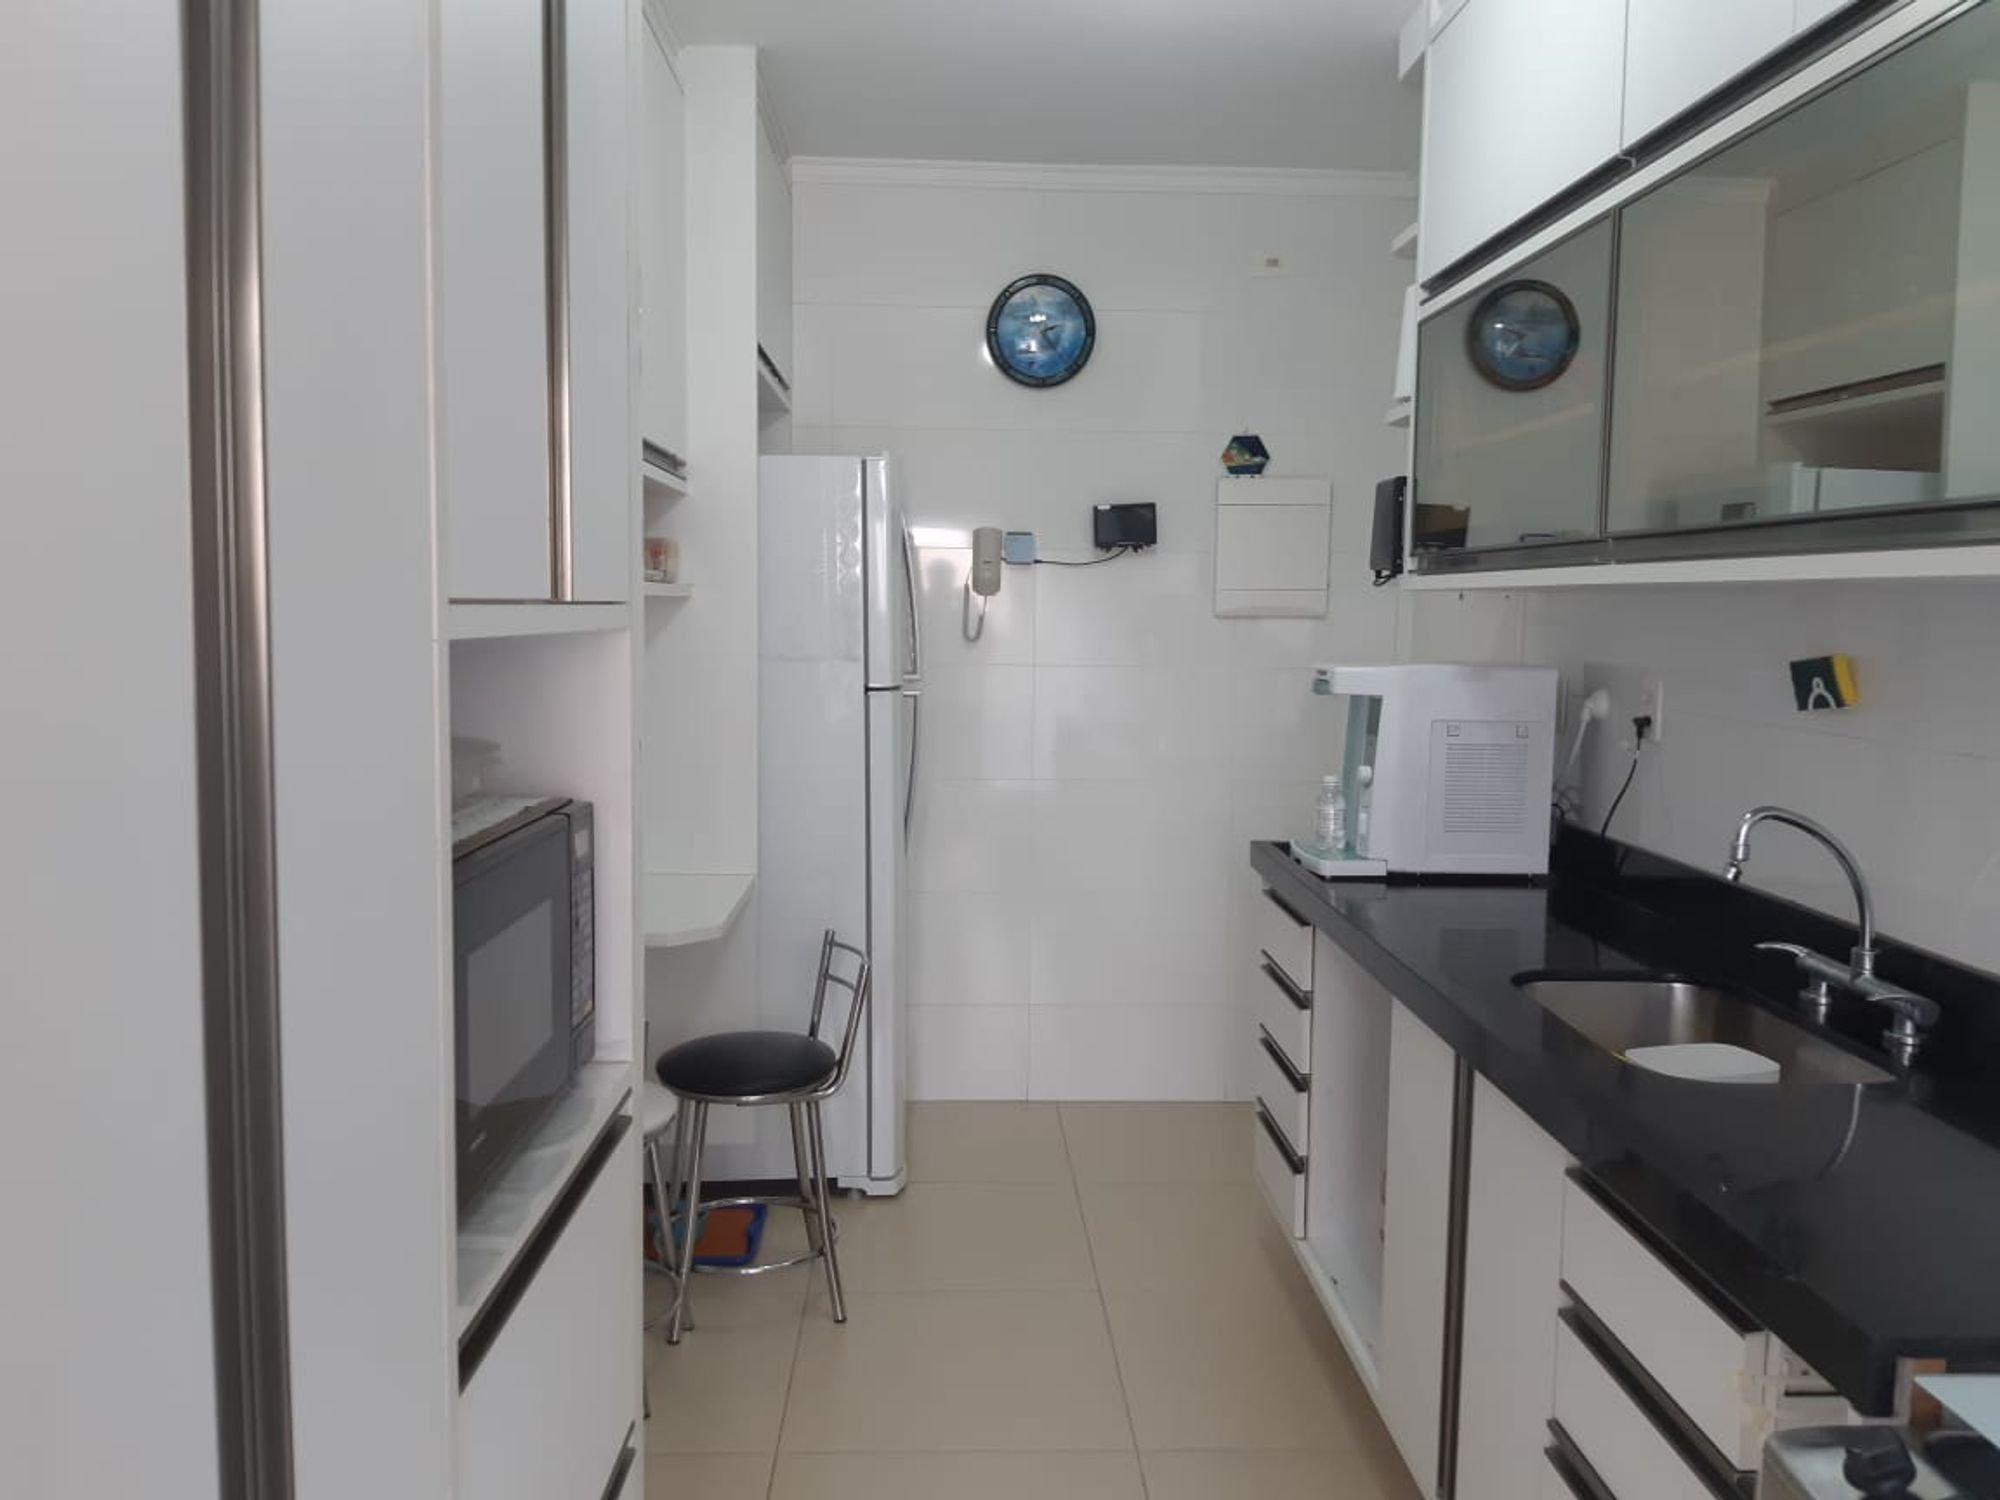 Foto de Cozinha com relógio, pia, cadeira, microondas